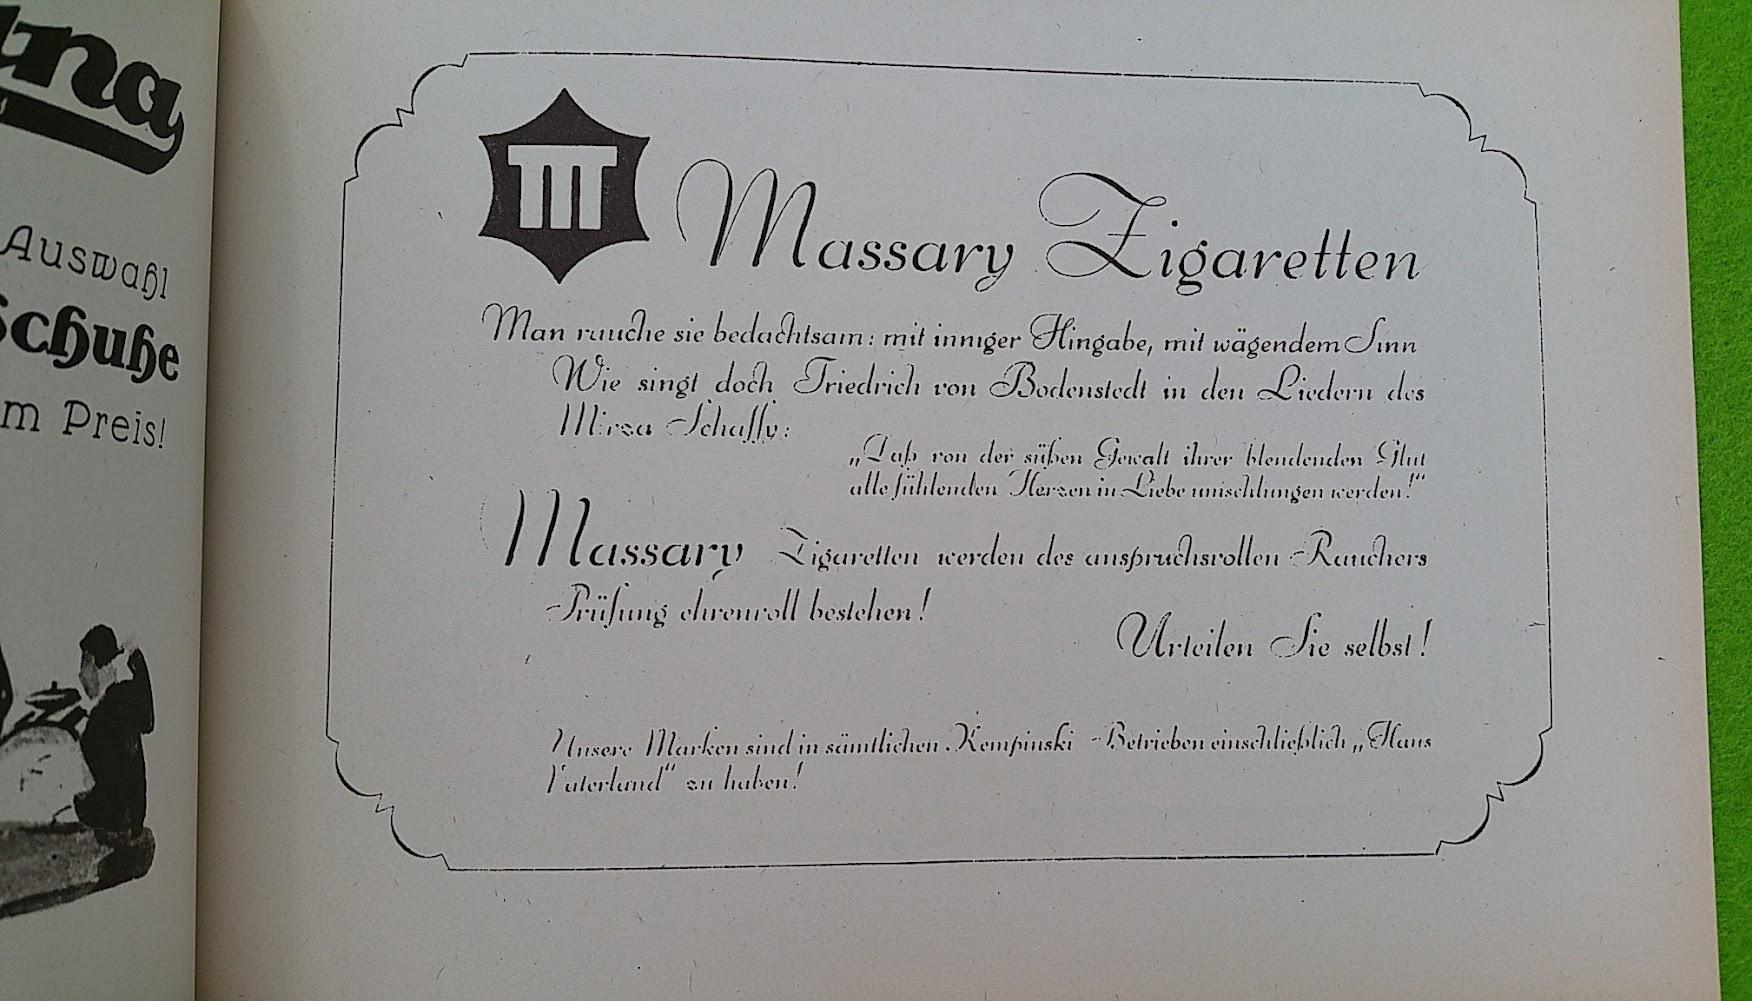 Begleitheft zur Eröffnung von Haus Vaterland am Potsdamer Platz, Berlin, 31. August 1928 - Massary Zigaretten